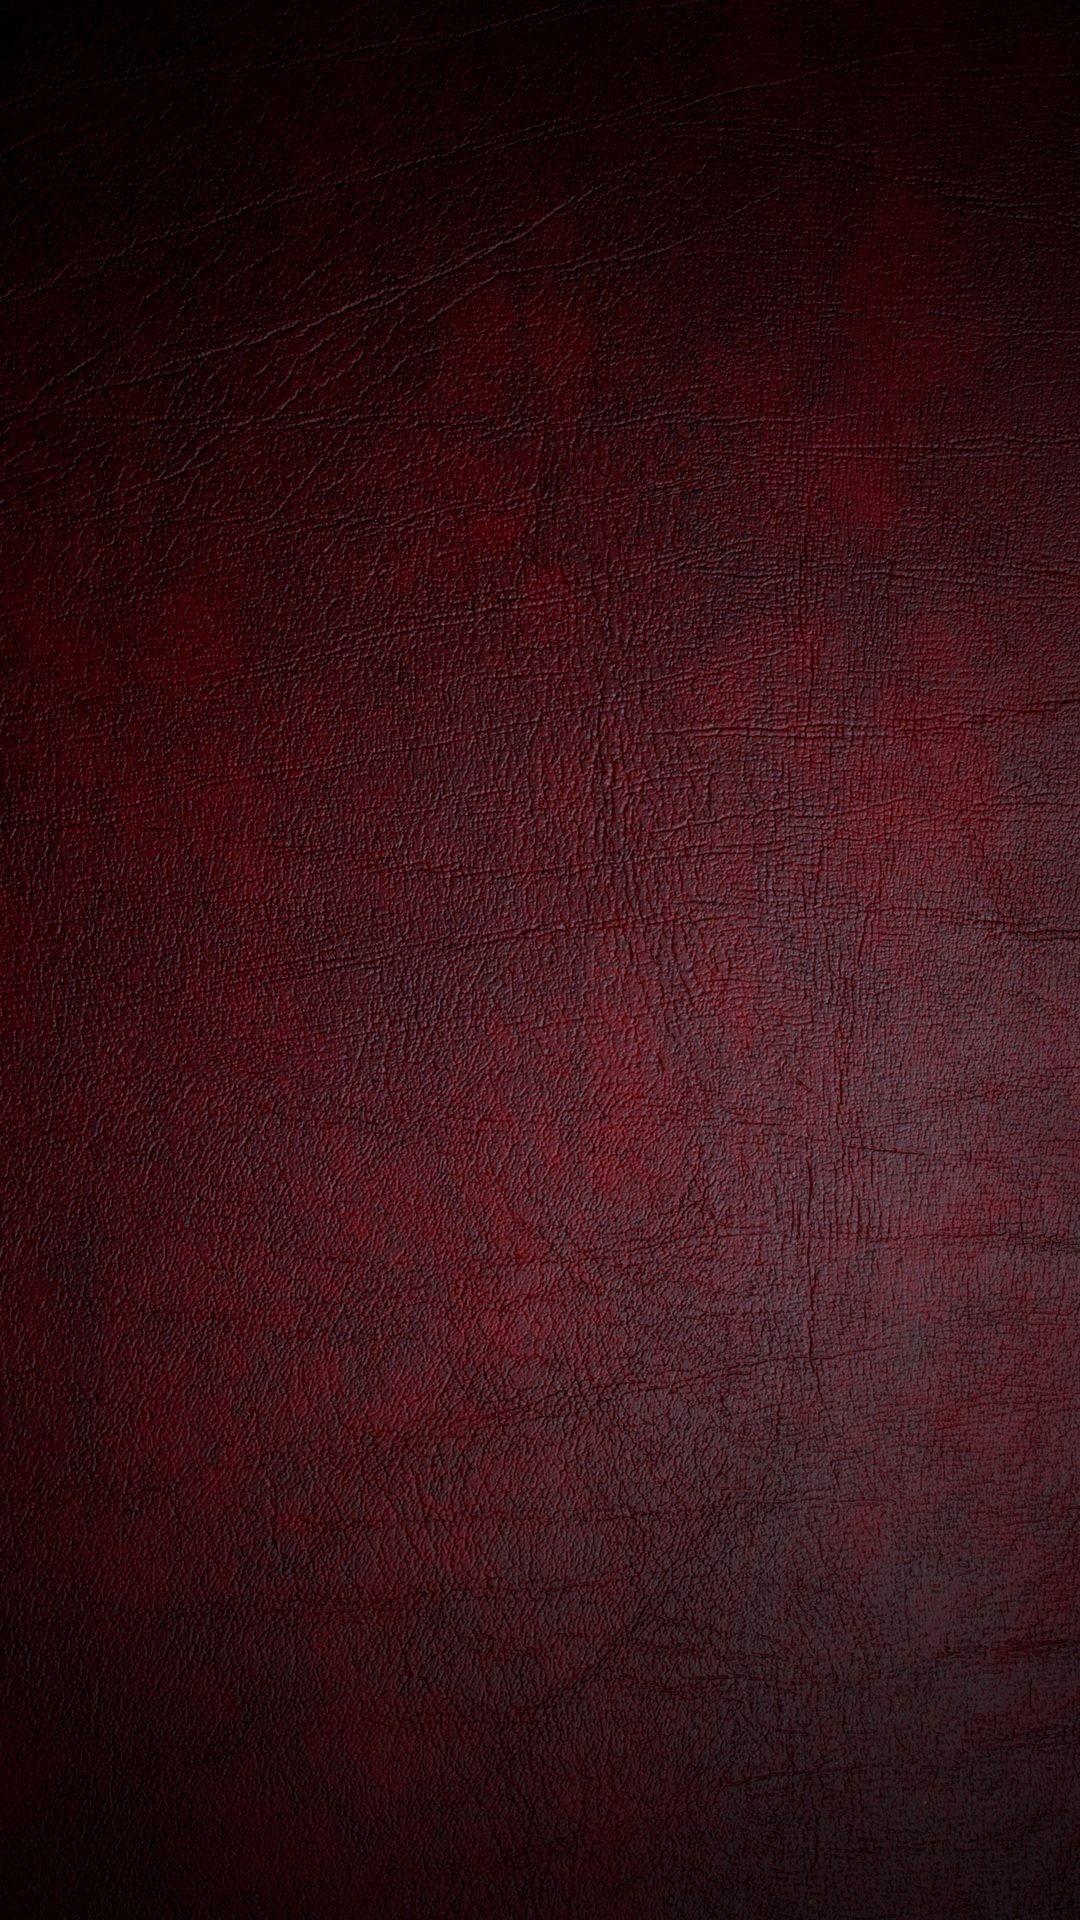 ダークレッドの壁紙hd アンドロイドのための黒と赤の壁紙 1080x19 Wallpapertip